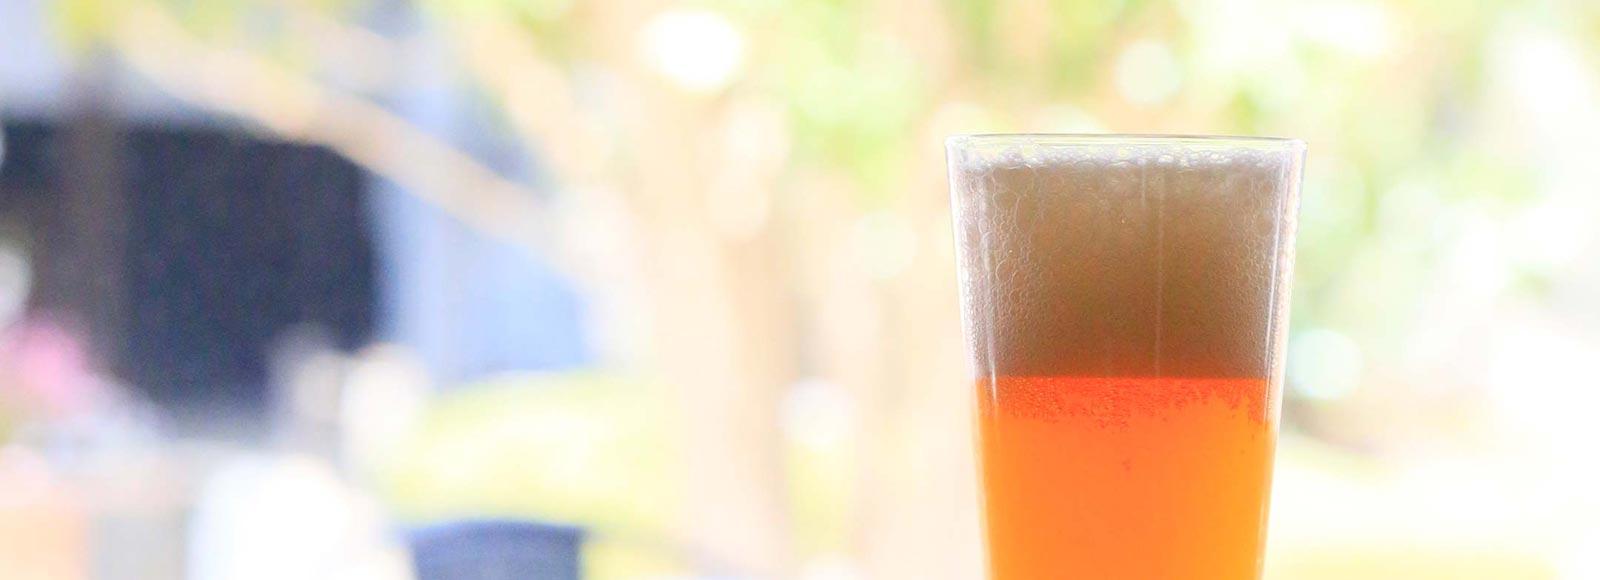 青梅線沿い、クラフトビール特集